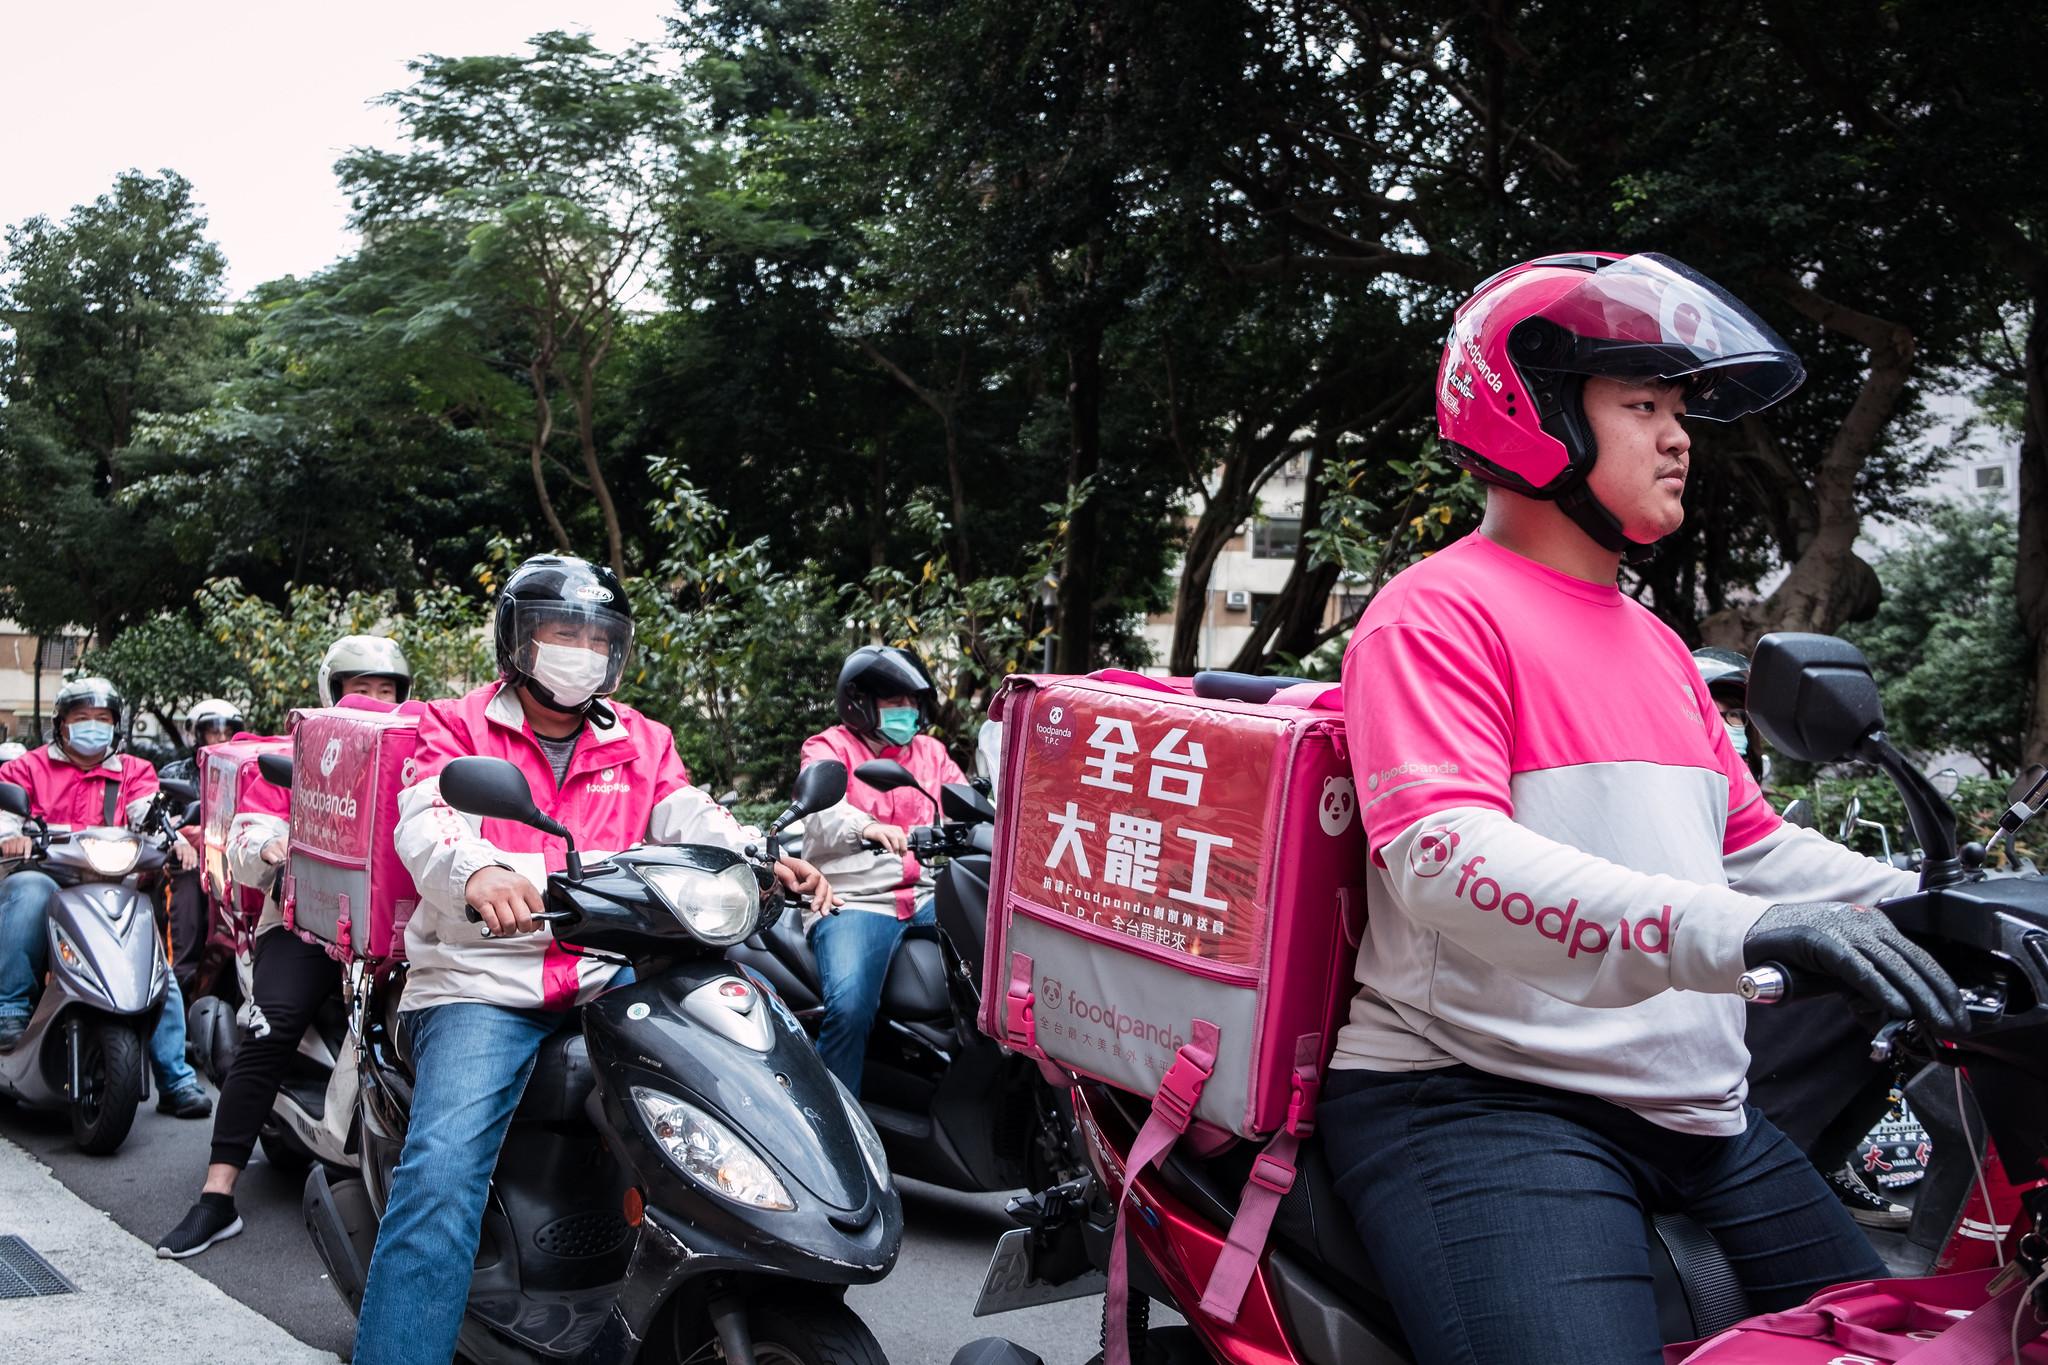 發起行動的外送員以機車繞行空腹熊貓公司總部,抗議公司片面減薪。(攝影:唐佐欣)